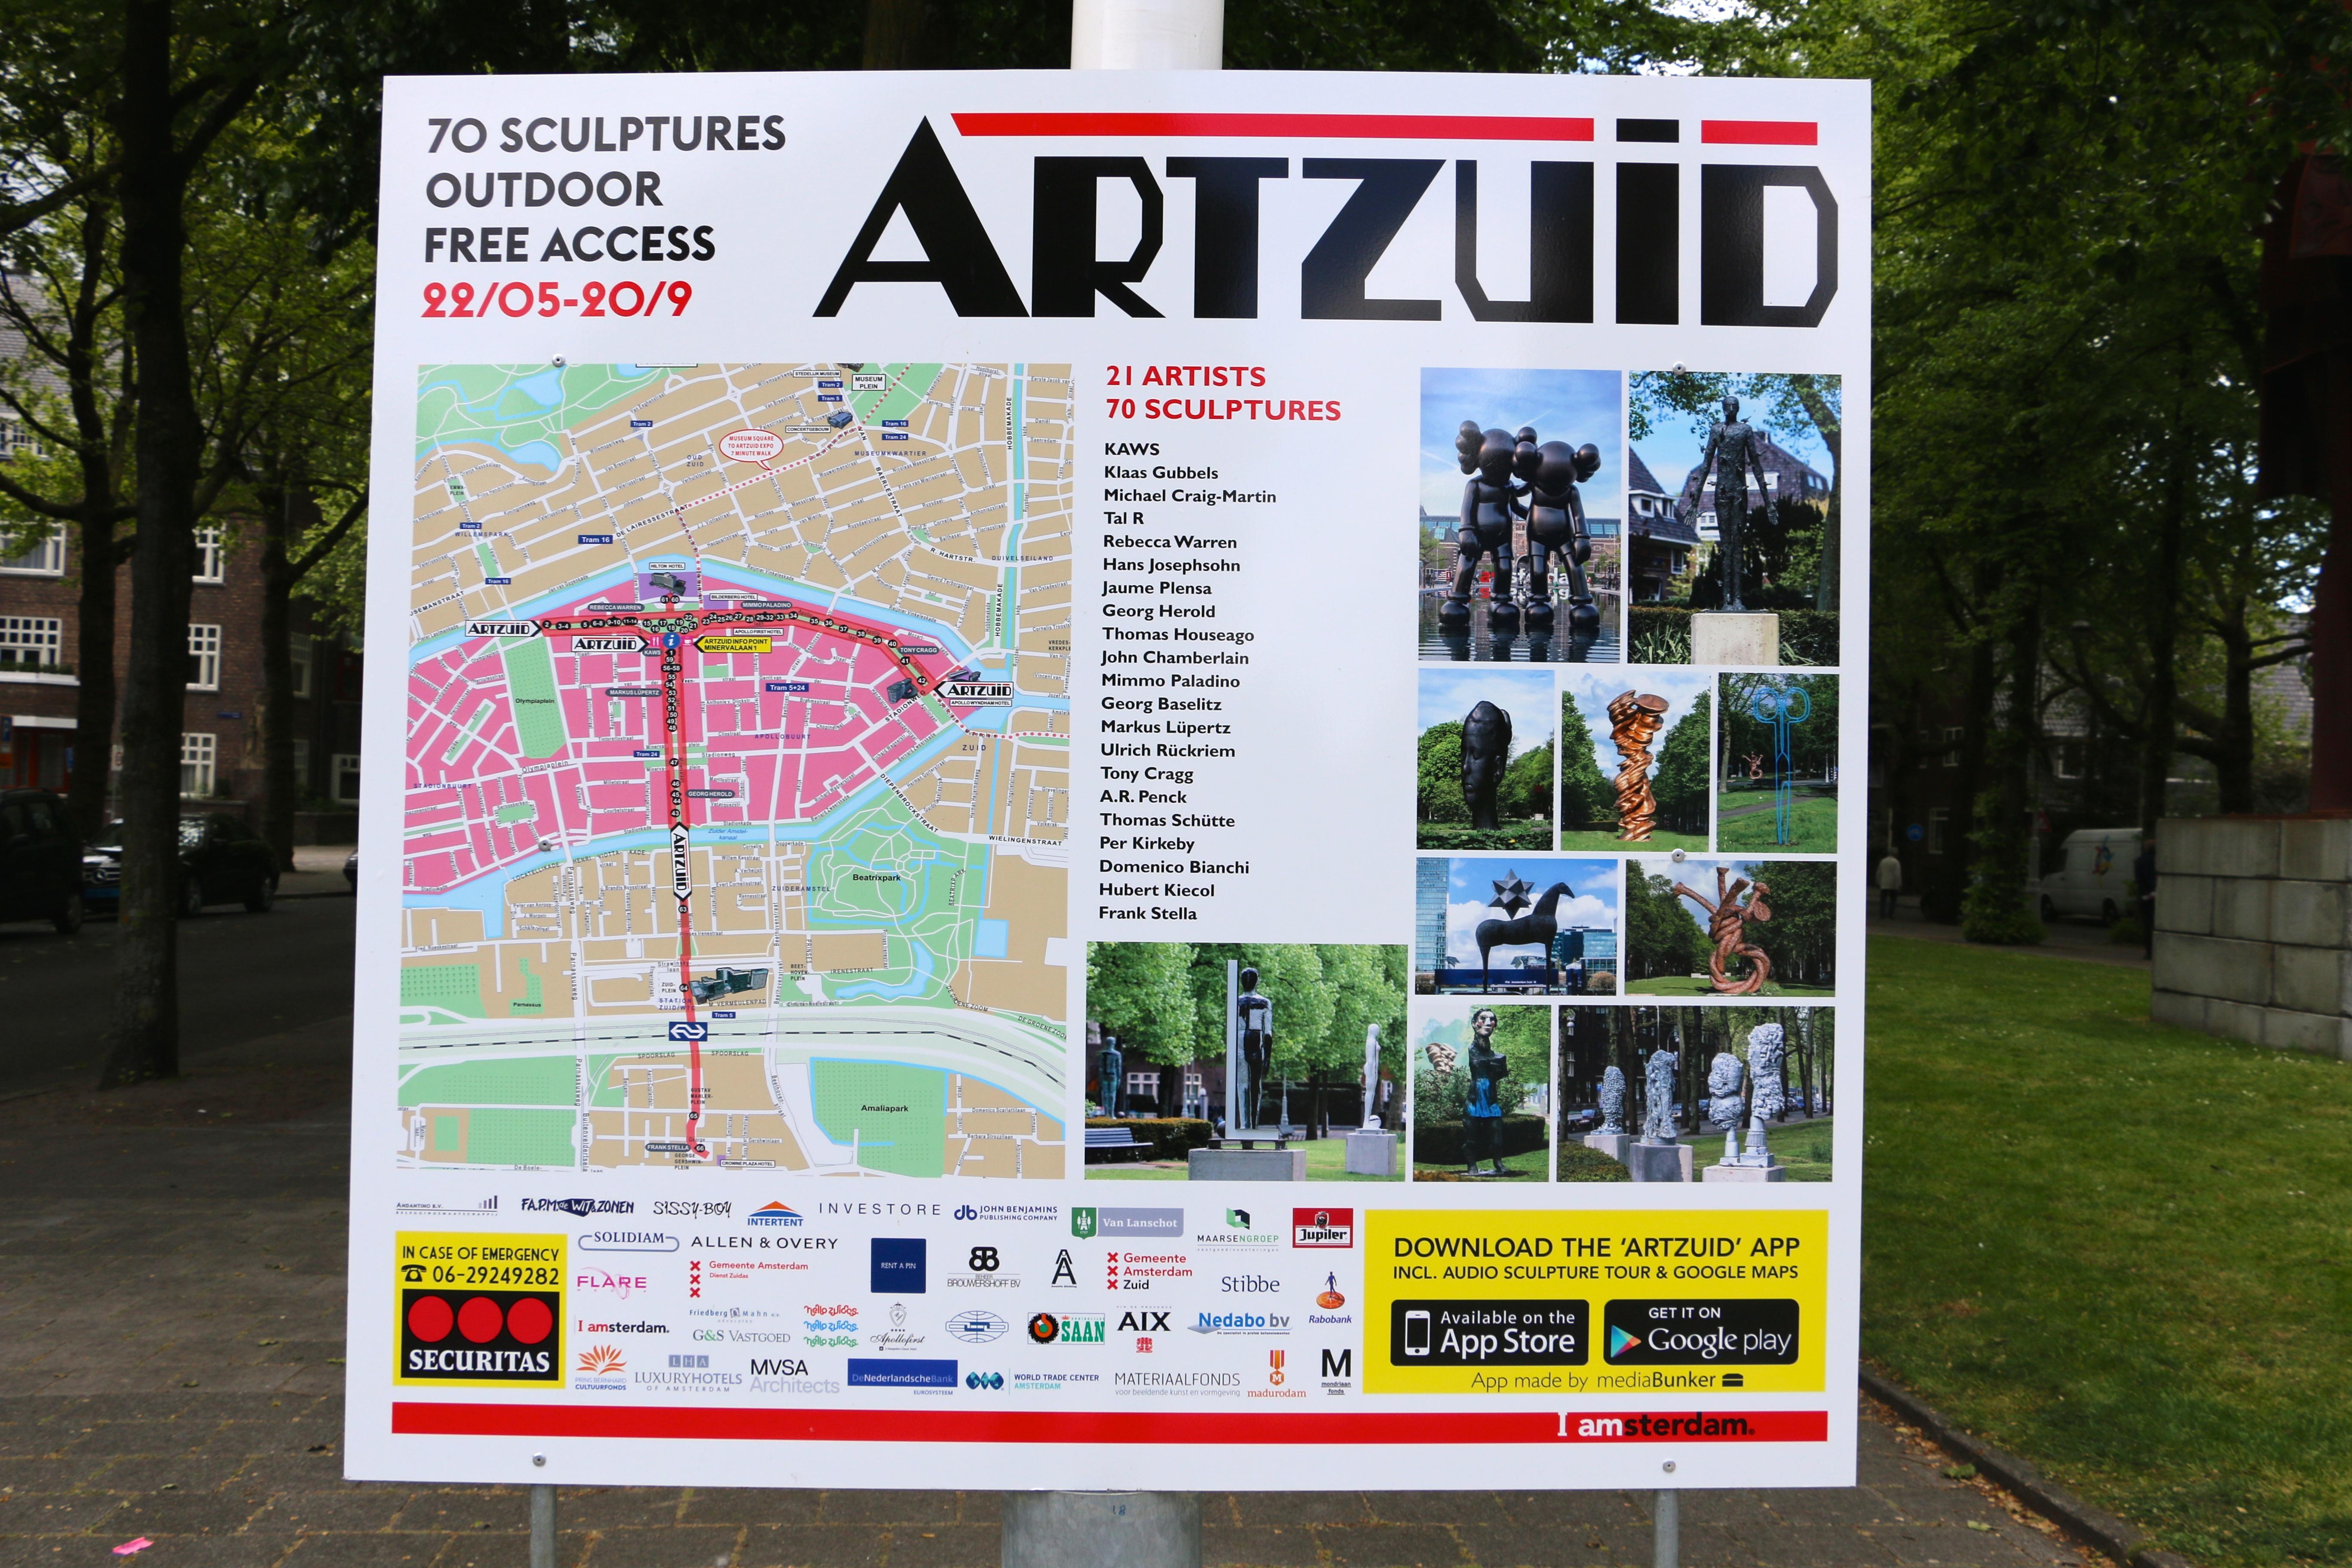 ArtZuidBord